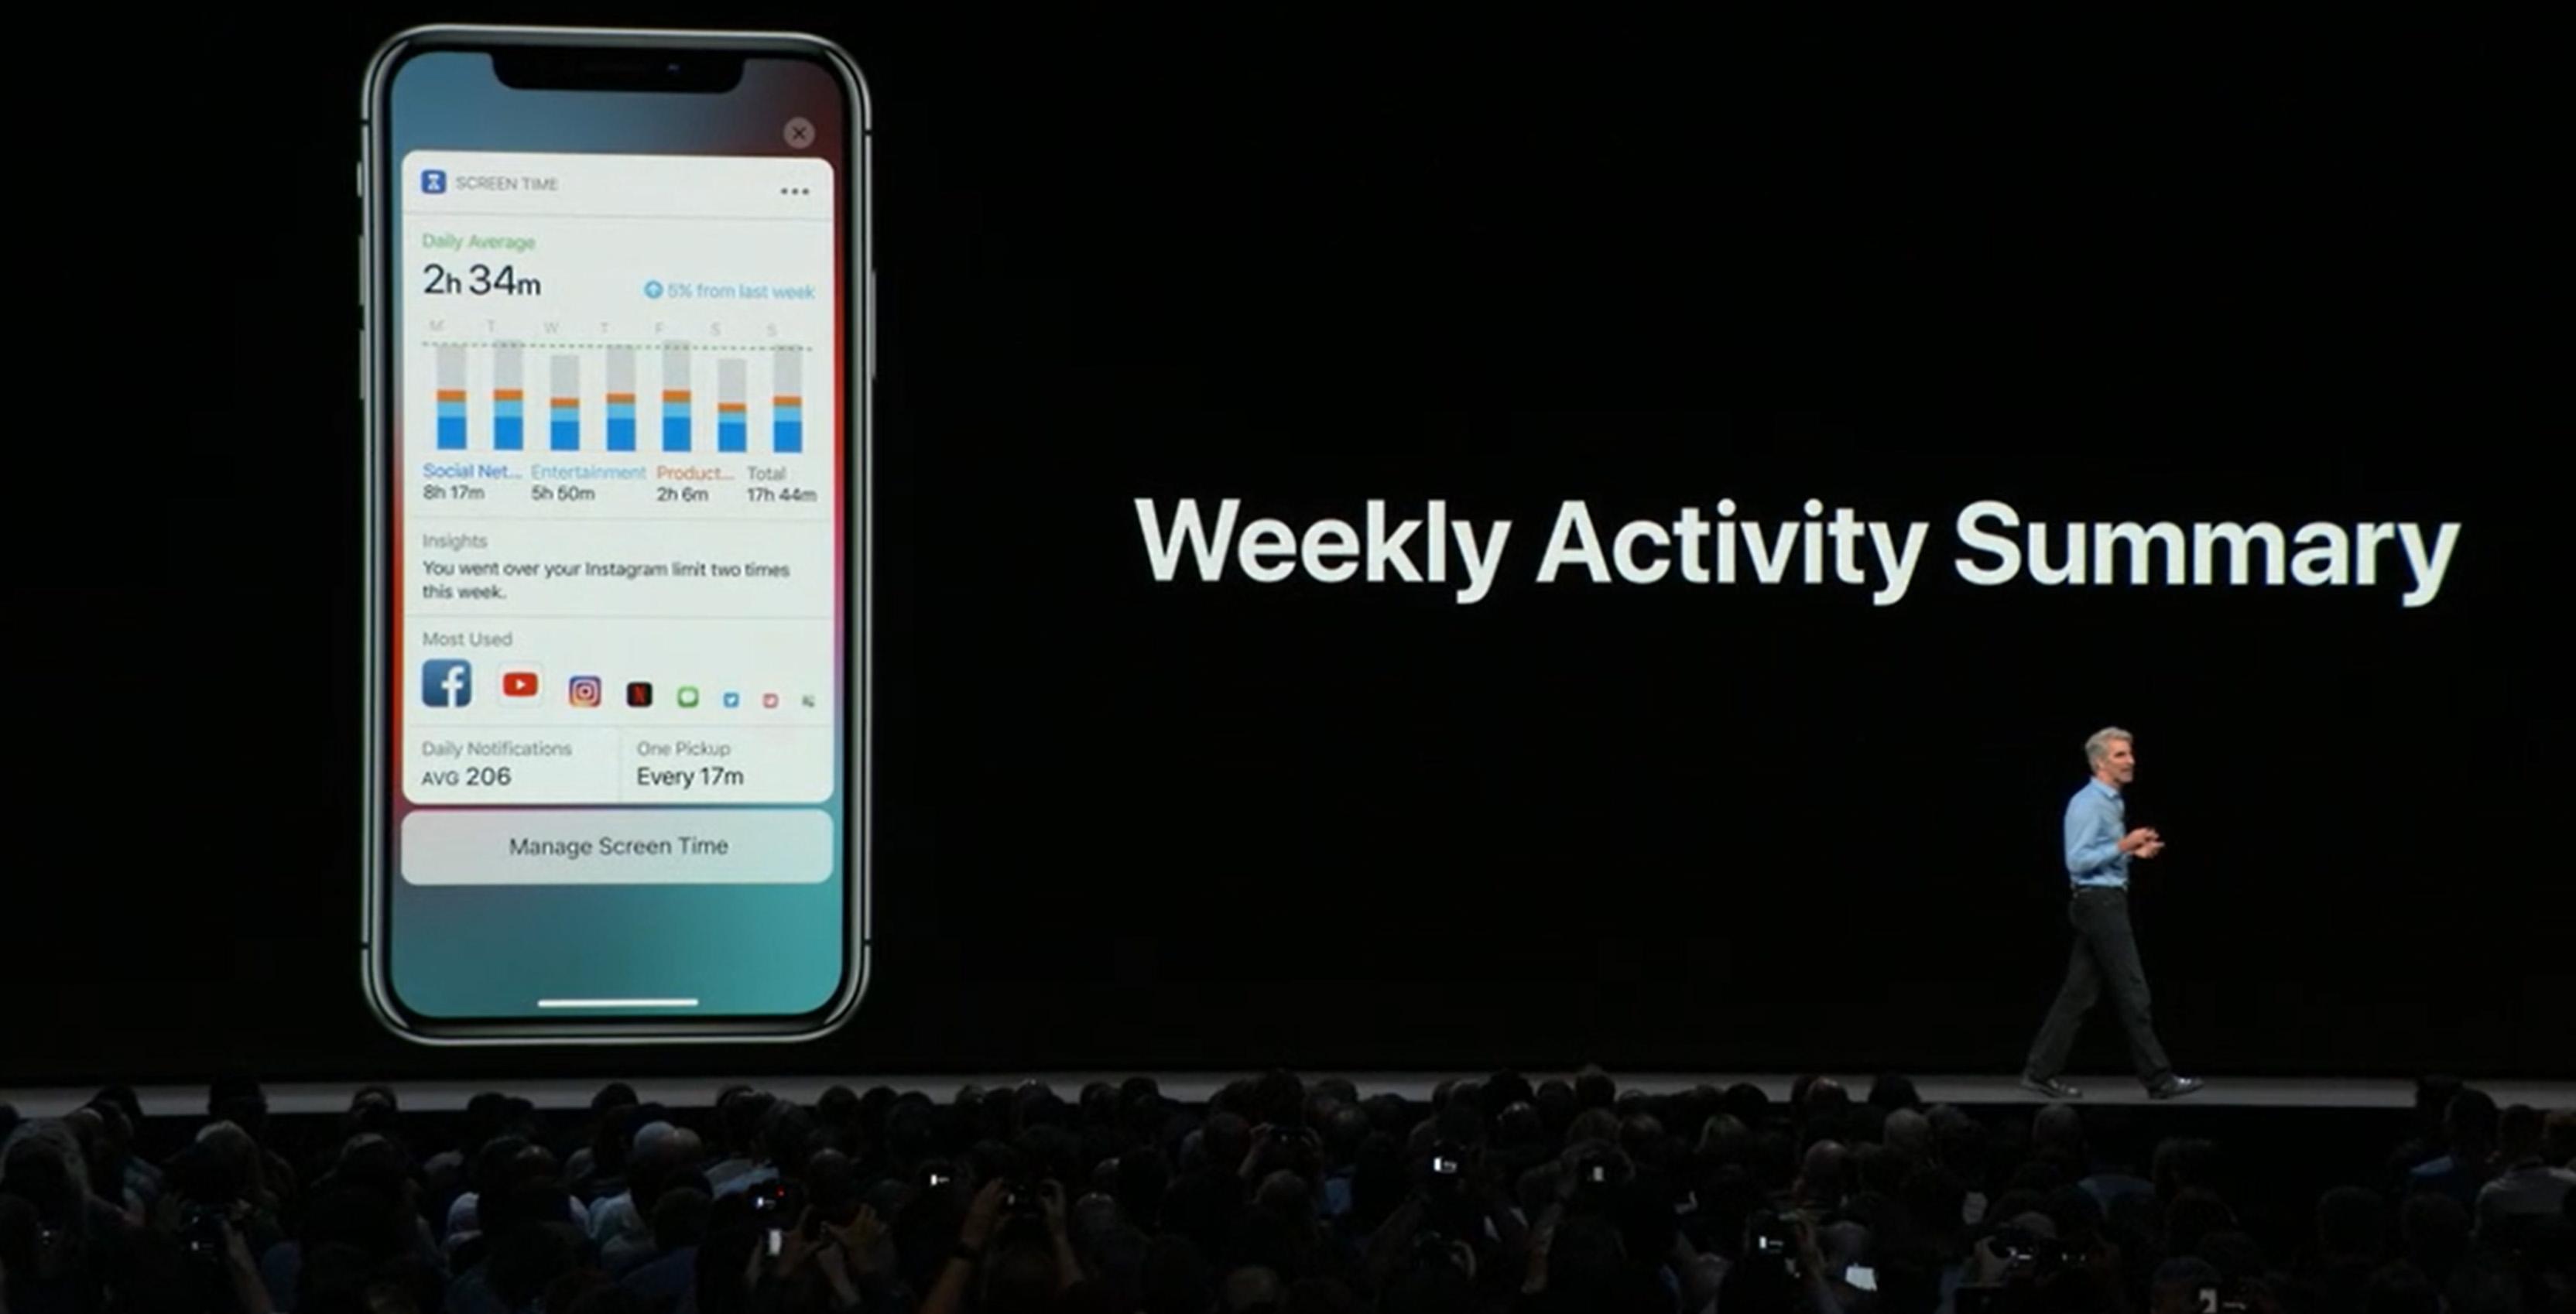 Weekly Activity Summary